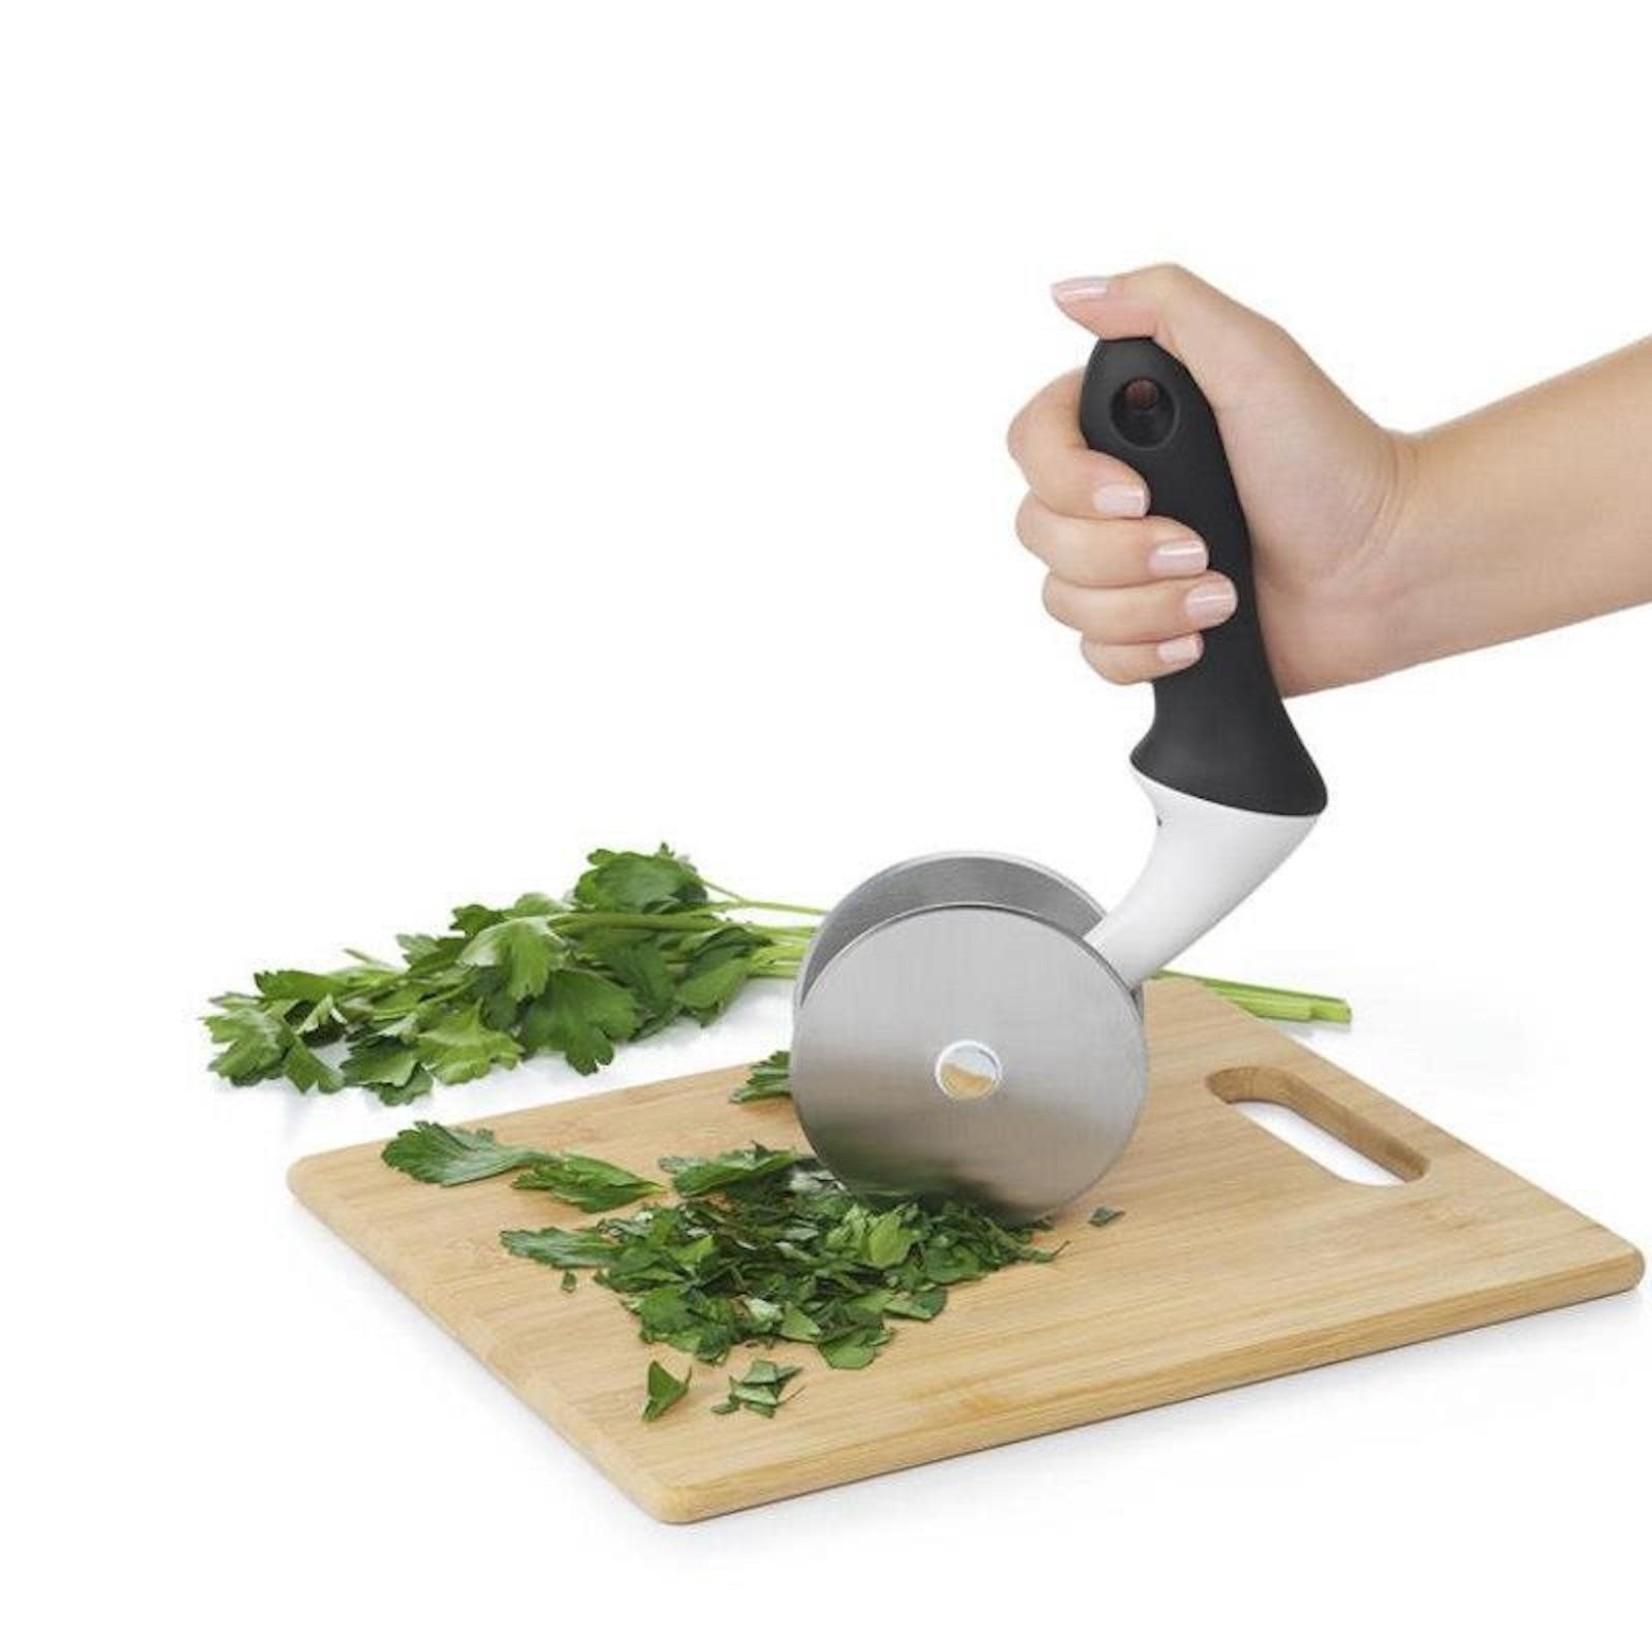 OXO 2-Blade Salad Chopper